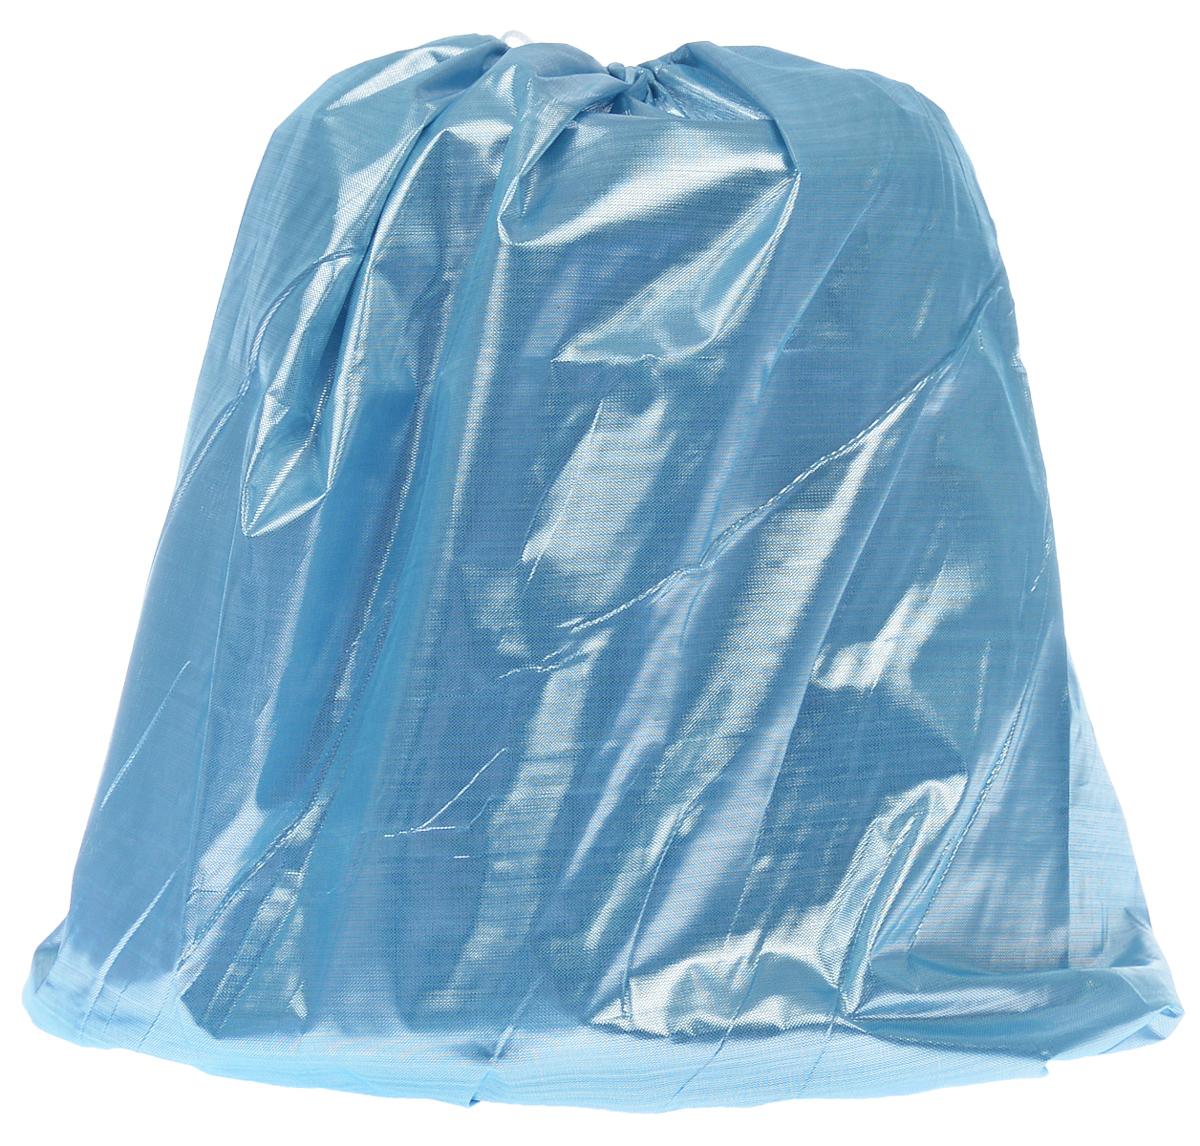 Покрывало под елку Eva, цвет: голубой, 105х45 см09840-20.000.00Покрывало Eva предназначено для декорирования нижней части ствола елки. Вы можете создать искусственный сугроб, украсив его мишурой, конфетти и подарками. Покрывало крепится с помощью завязок.